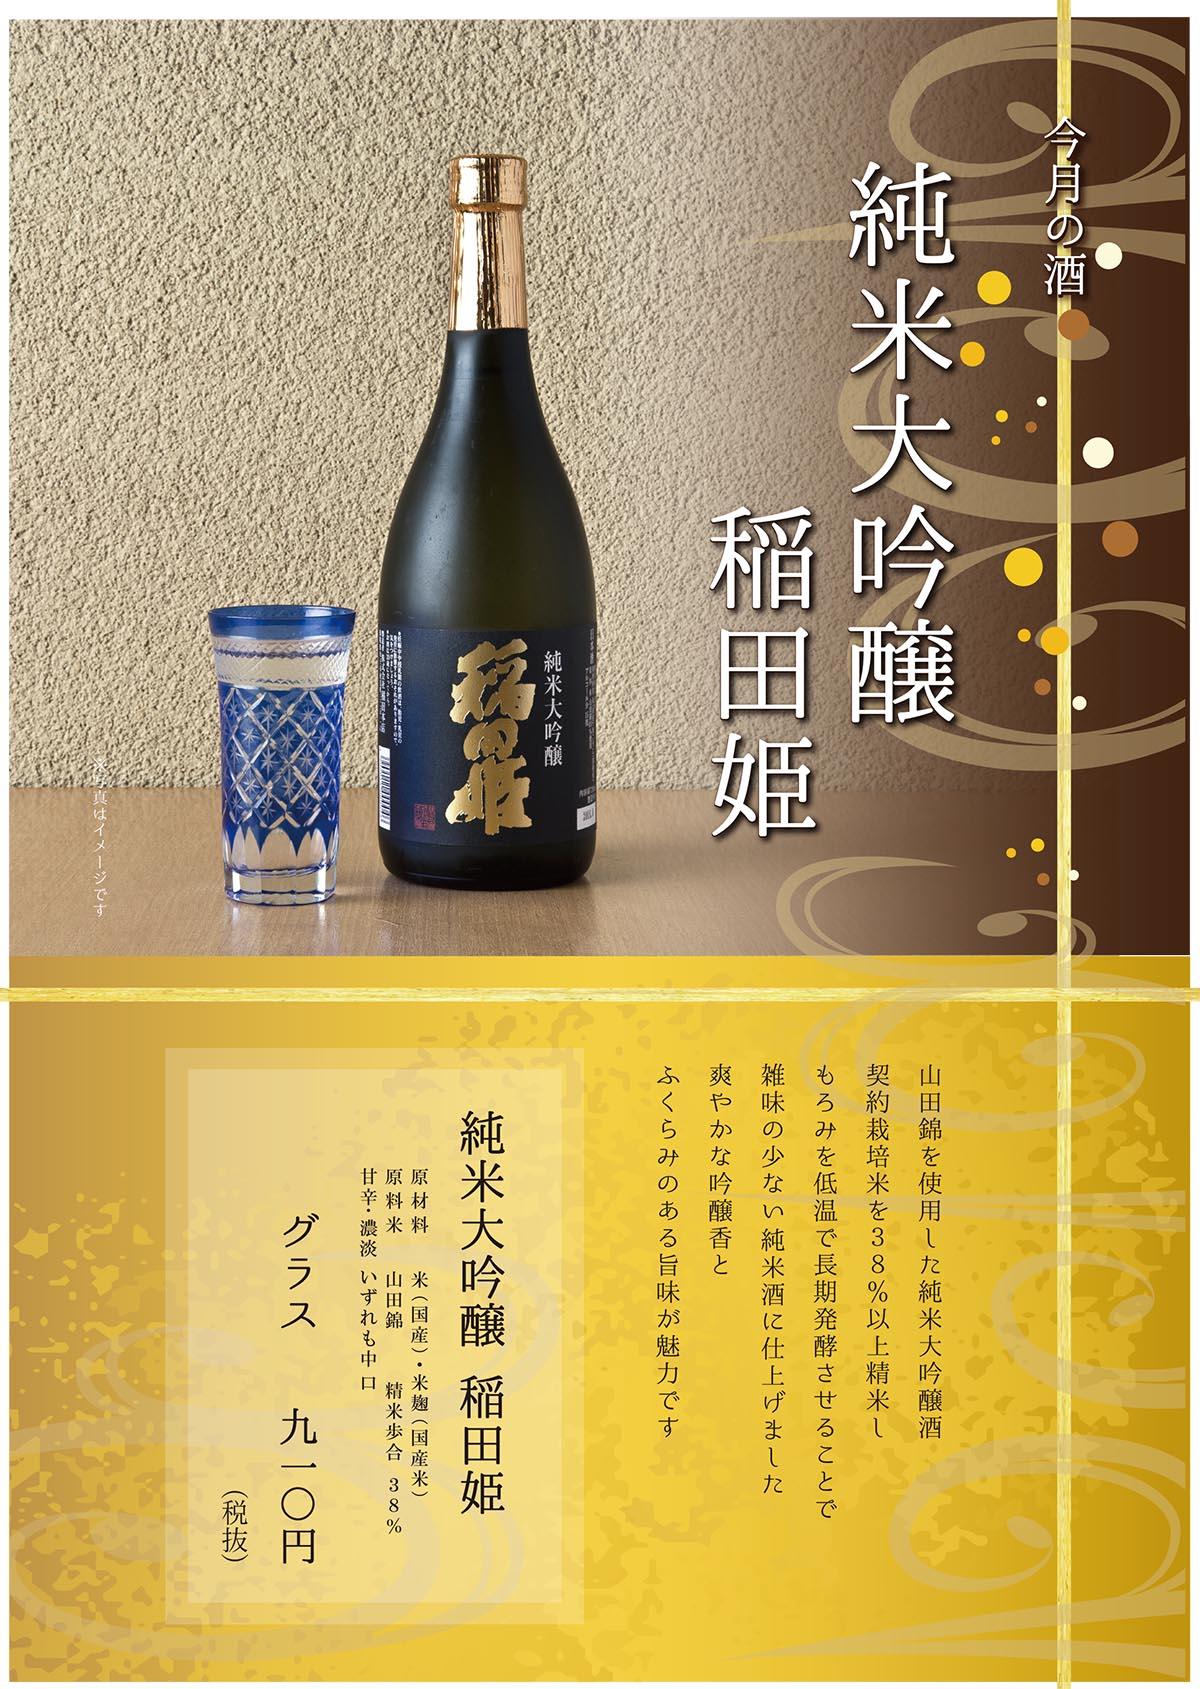 純米大吟醸「稲田姫」